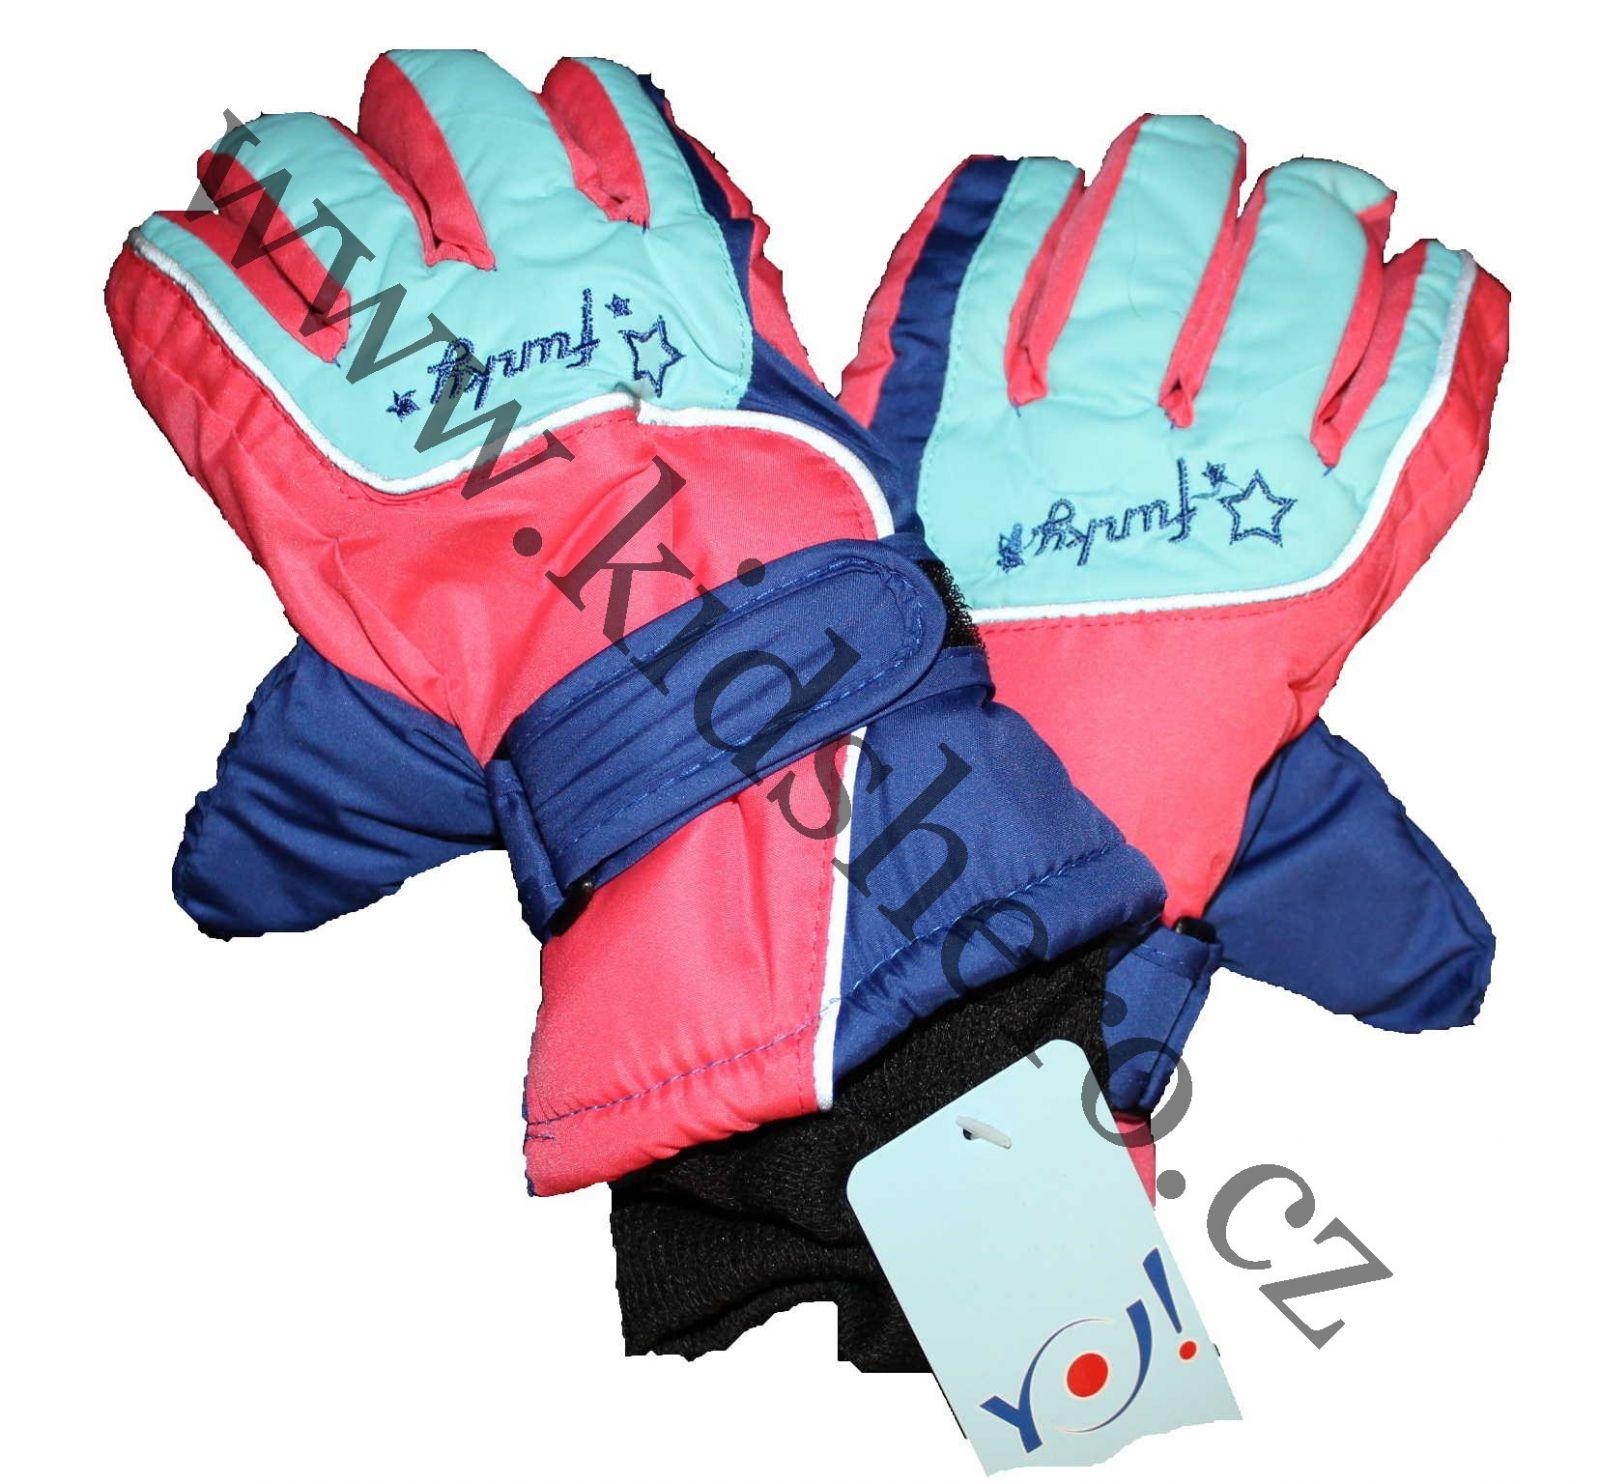 Dětské zimní lyžařské rukavice, zimní rukavice, dětské rukavice, prstové rukavice, lyžařské rukavice